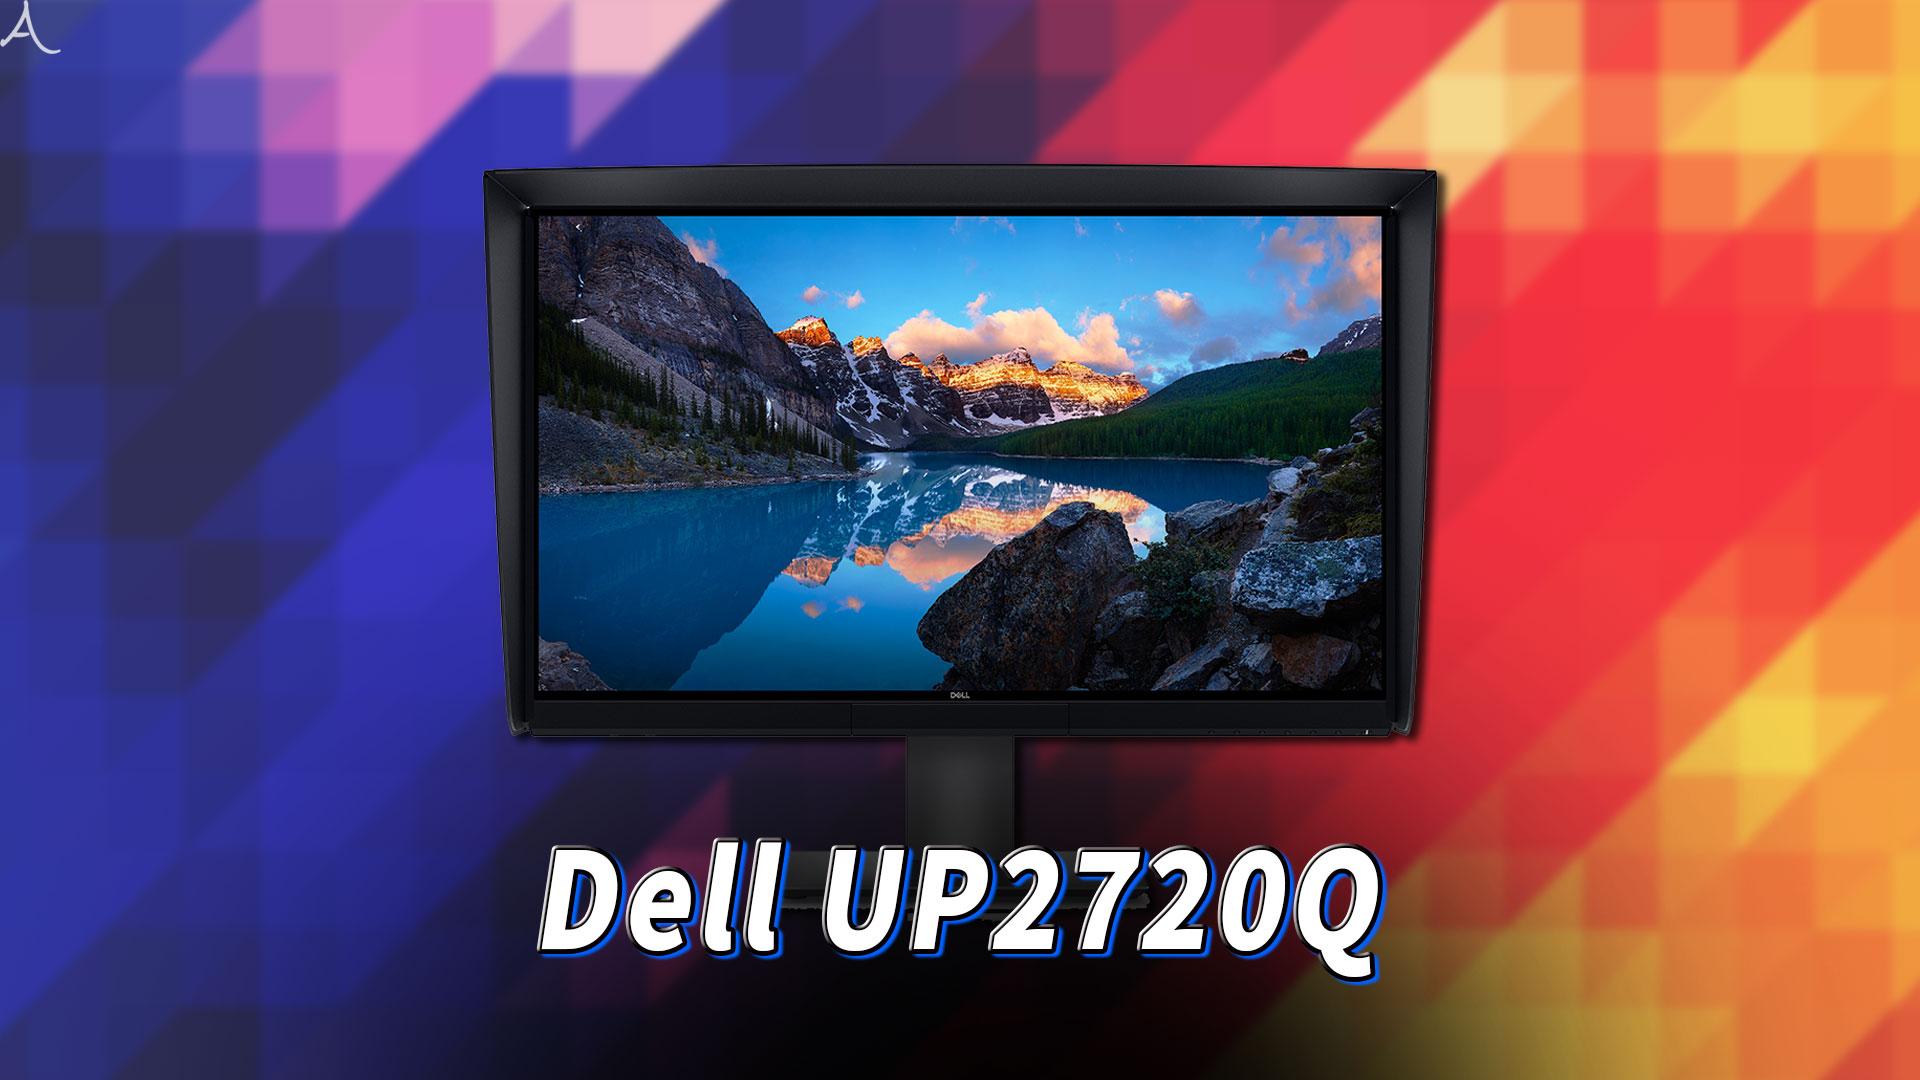 「Dell UP2720Q」ってモニターアーム使える?VESAサイズやおすすめアームはどれ?